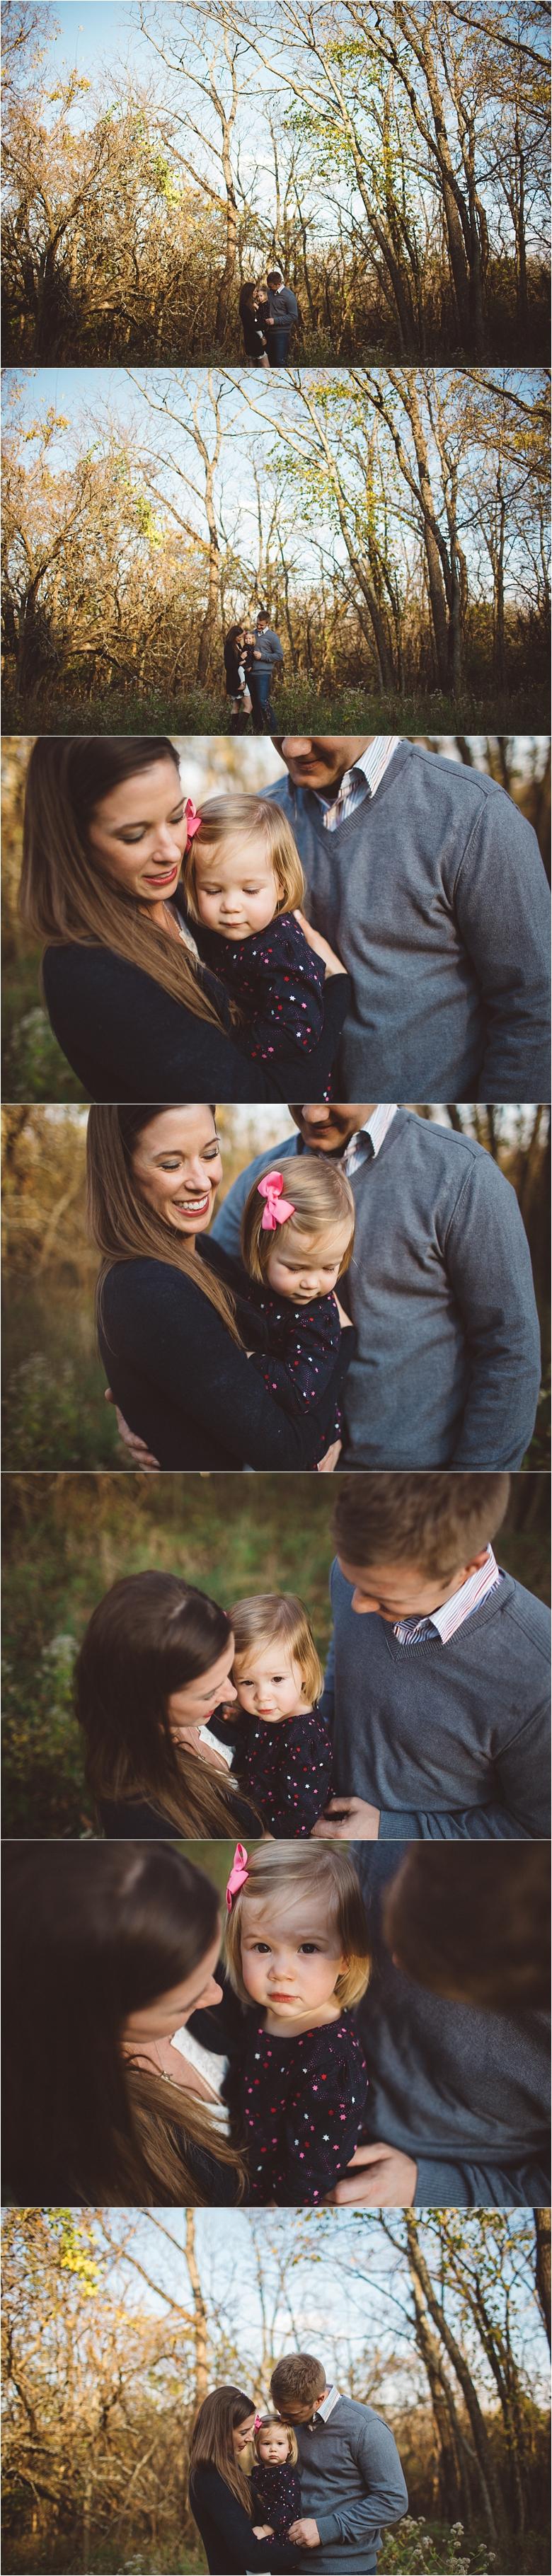 kansascitysbestfamilyphotographer_0010